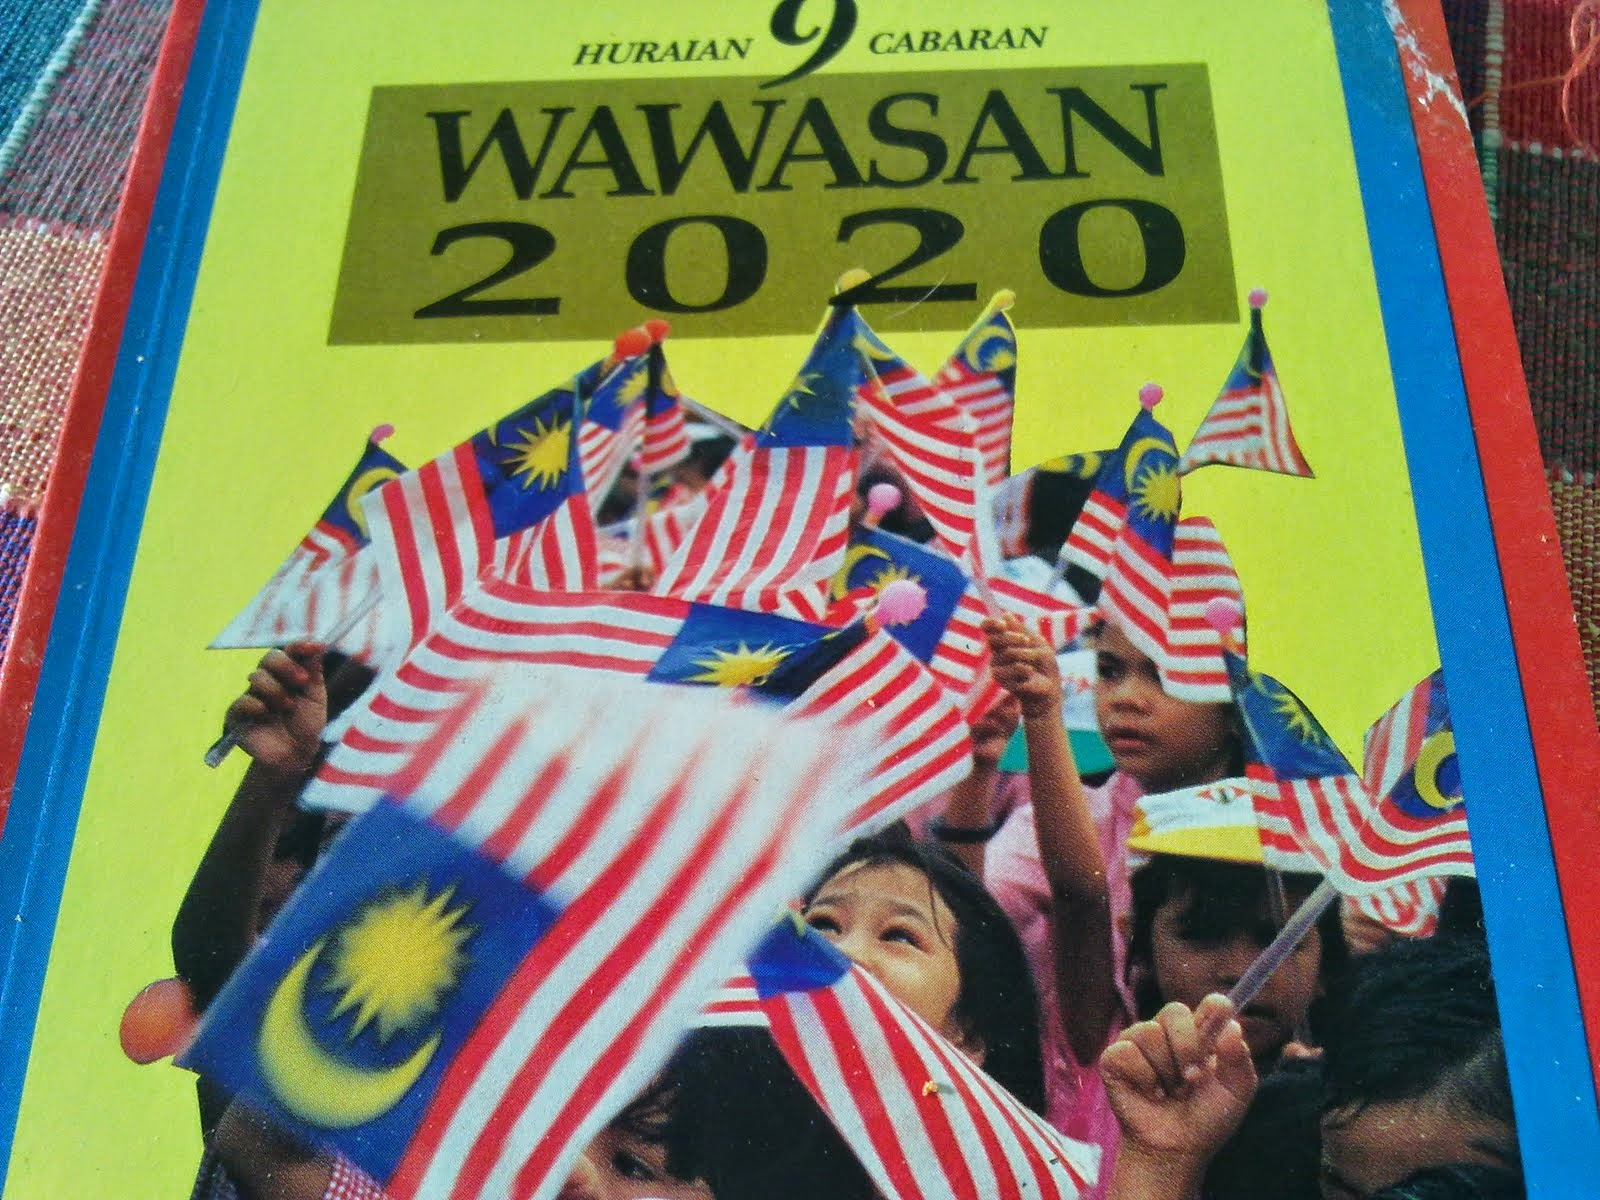 9 cabaran wawasan 20202 Perspektif wawasan 2020 sosial dan politik yang berlaku di peringkat nasional dan antarabangsa yang telah memberi cabaran hebat kepada negara wawasan ini.